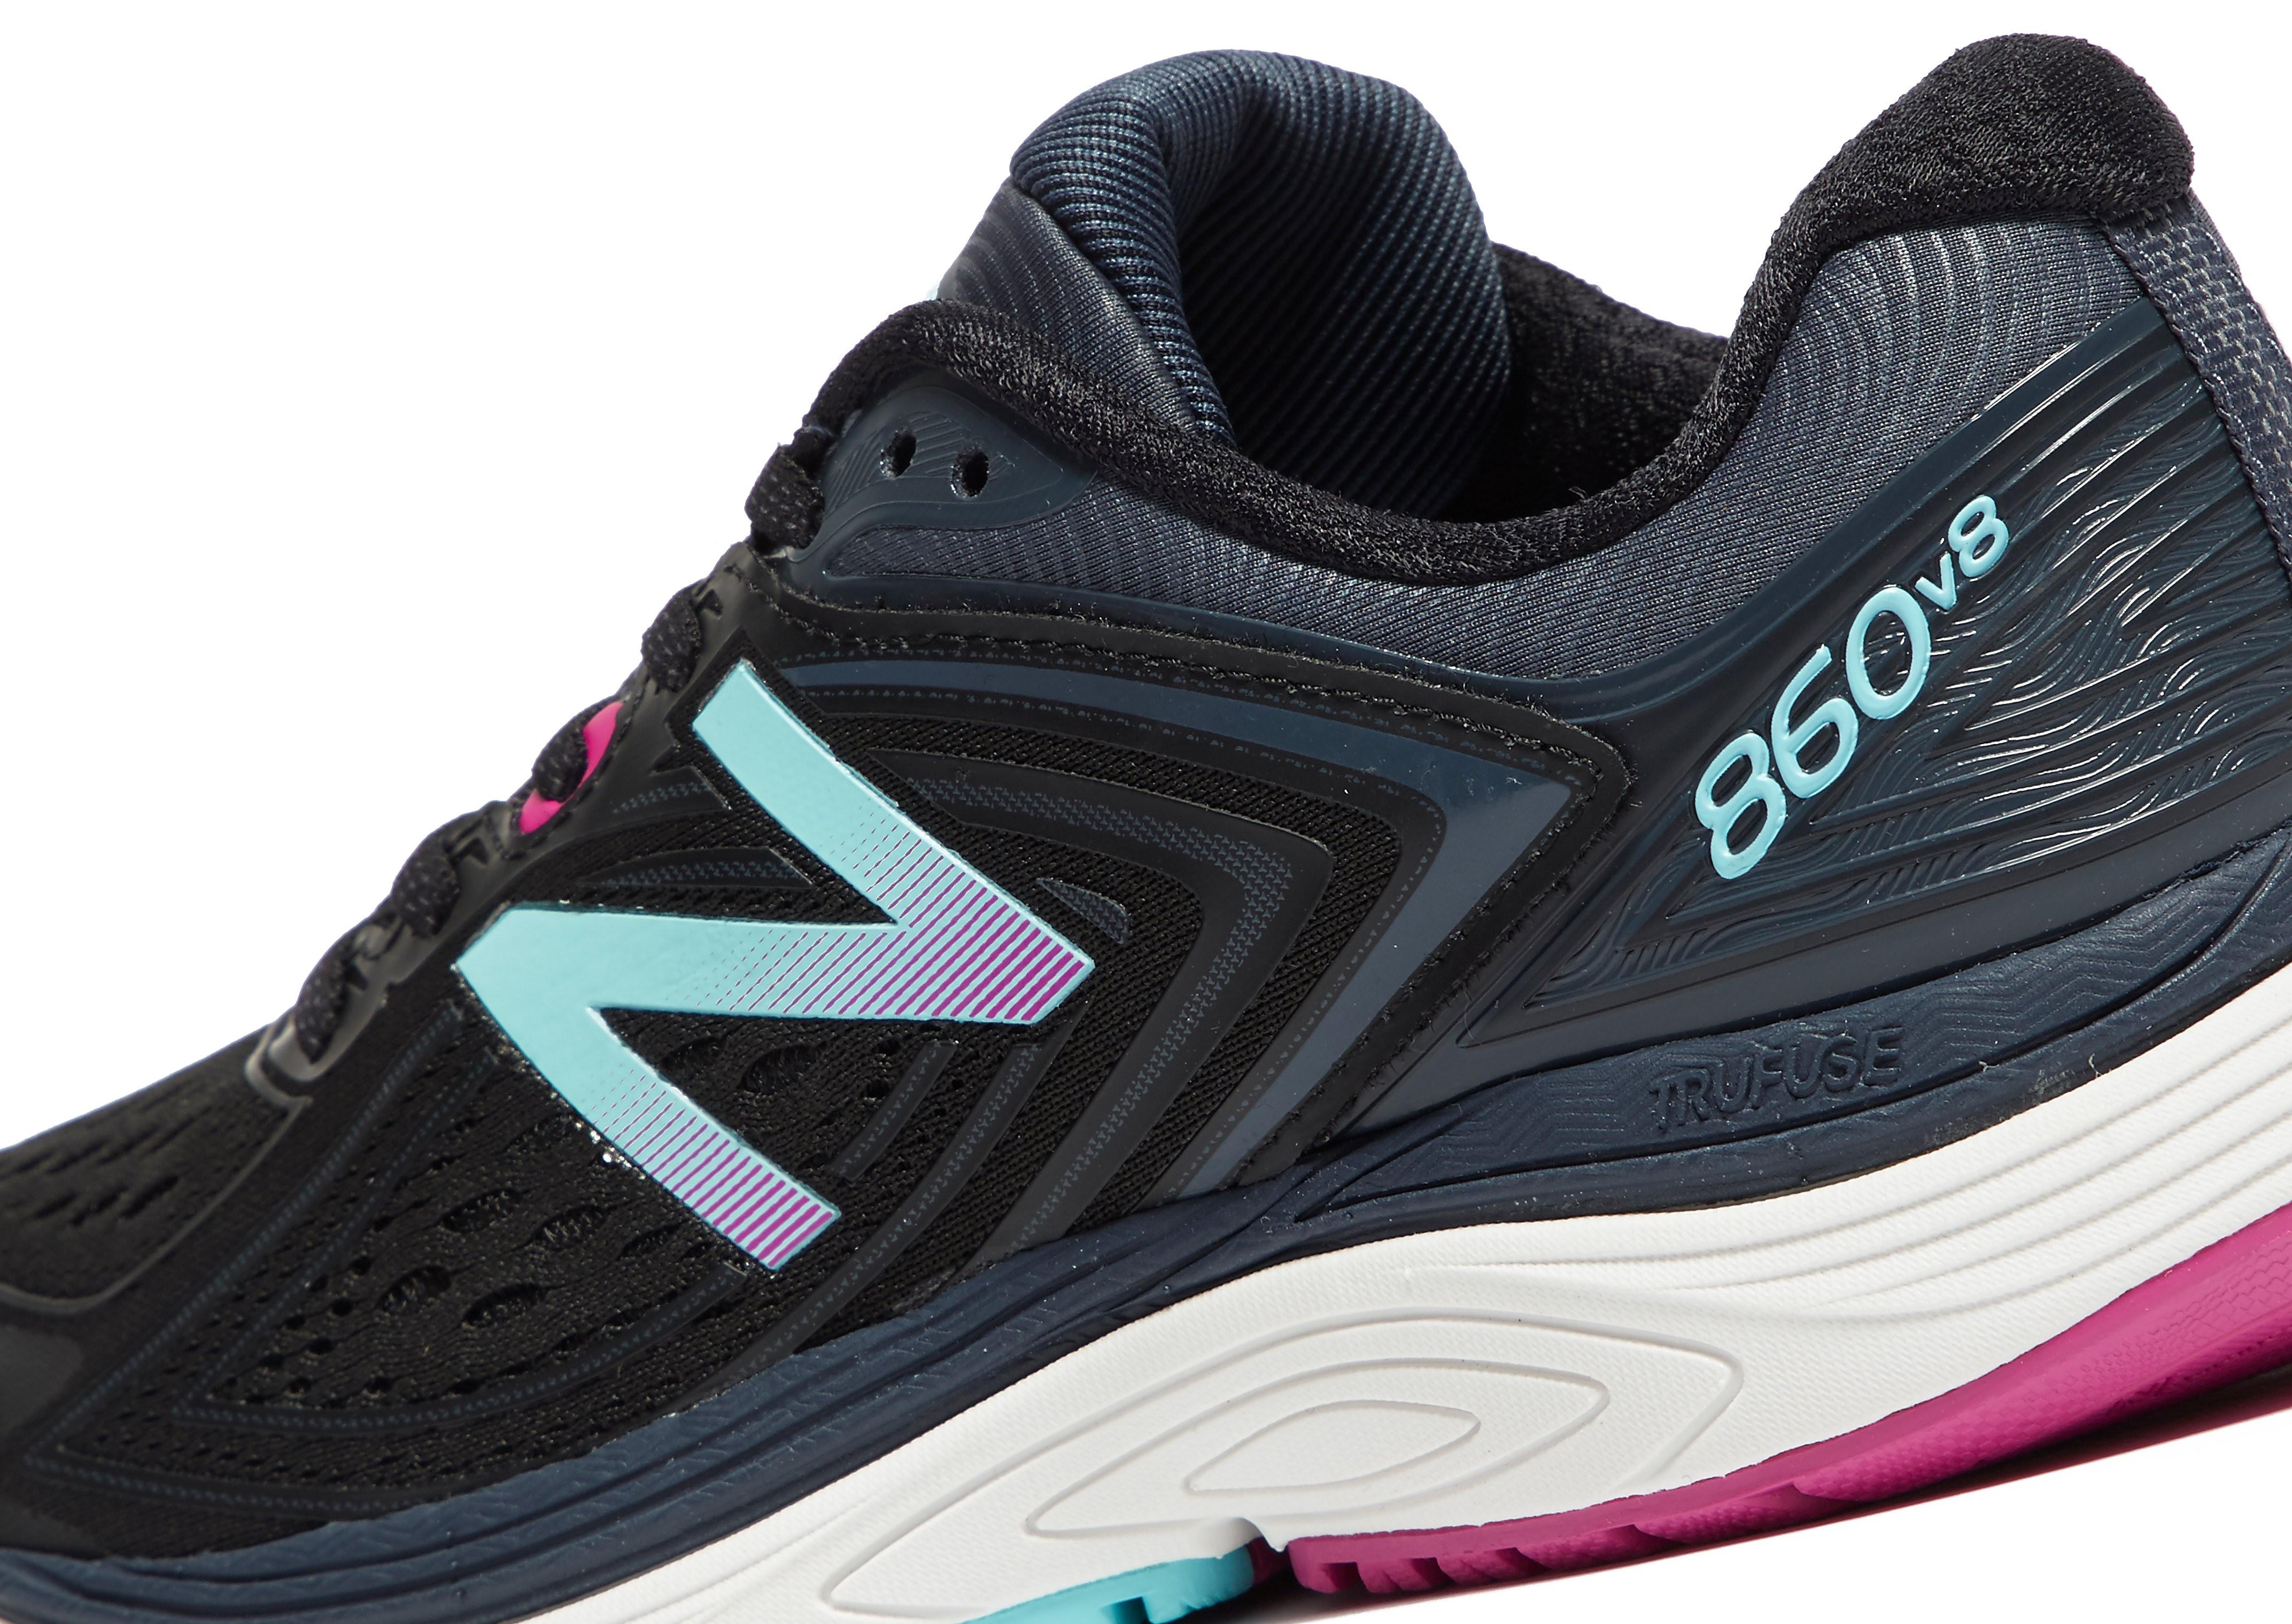 New Balance 860v8 Women's